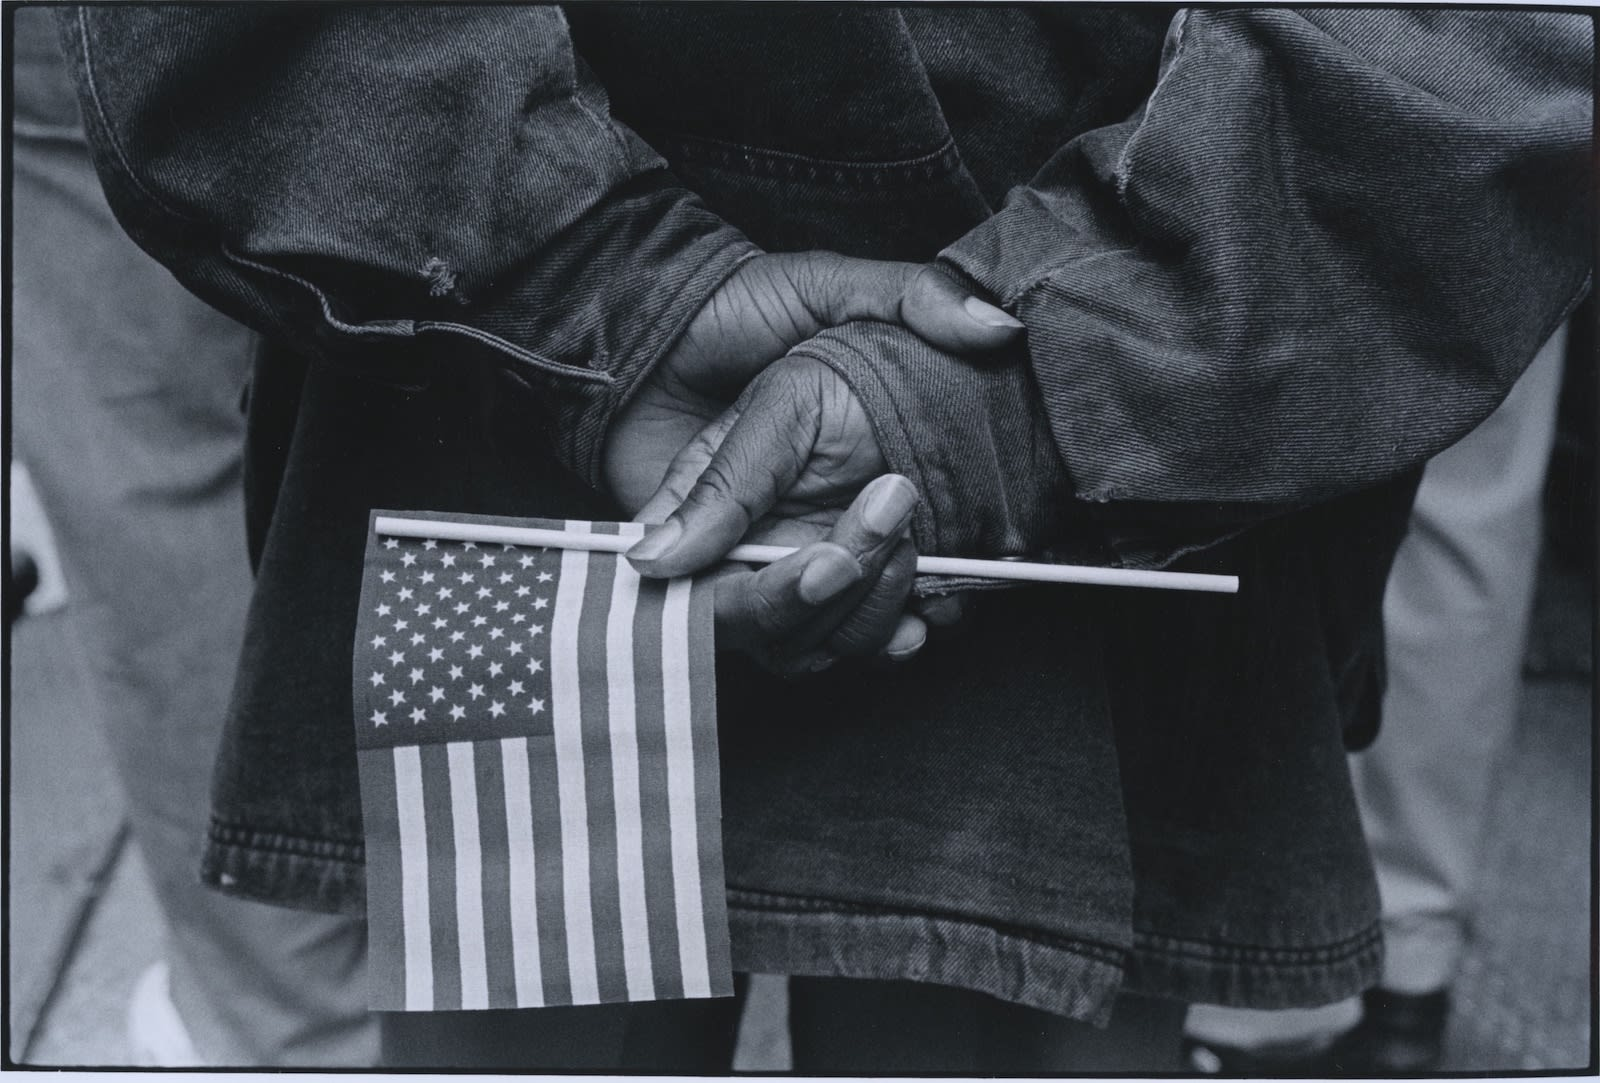 Tom Arndt, Hands with flag, Chicago, 1990